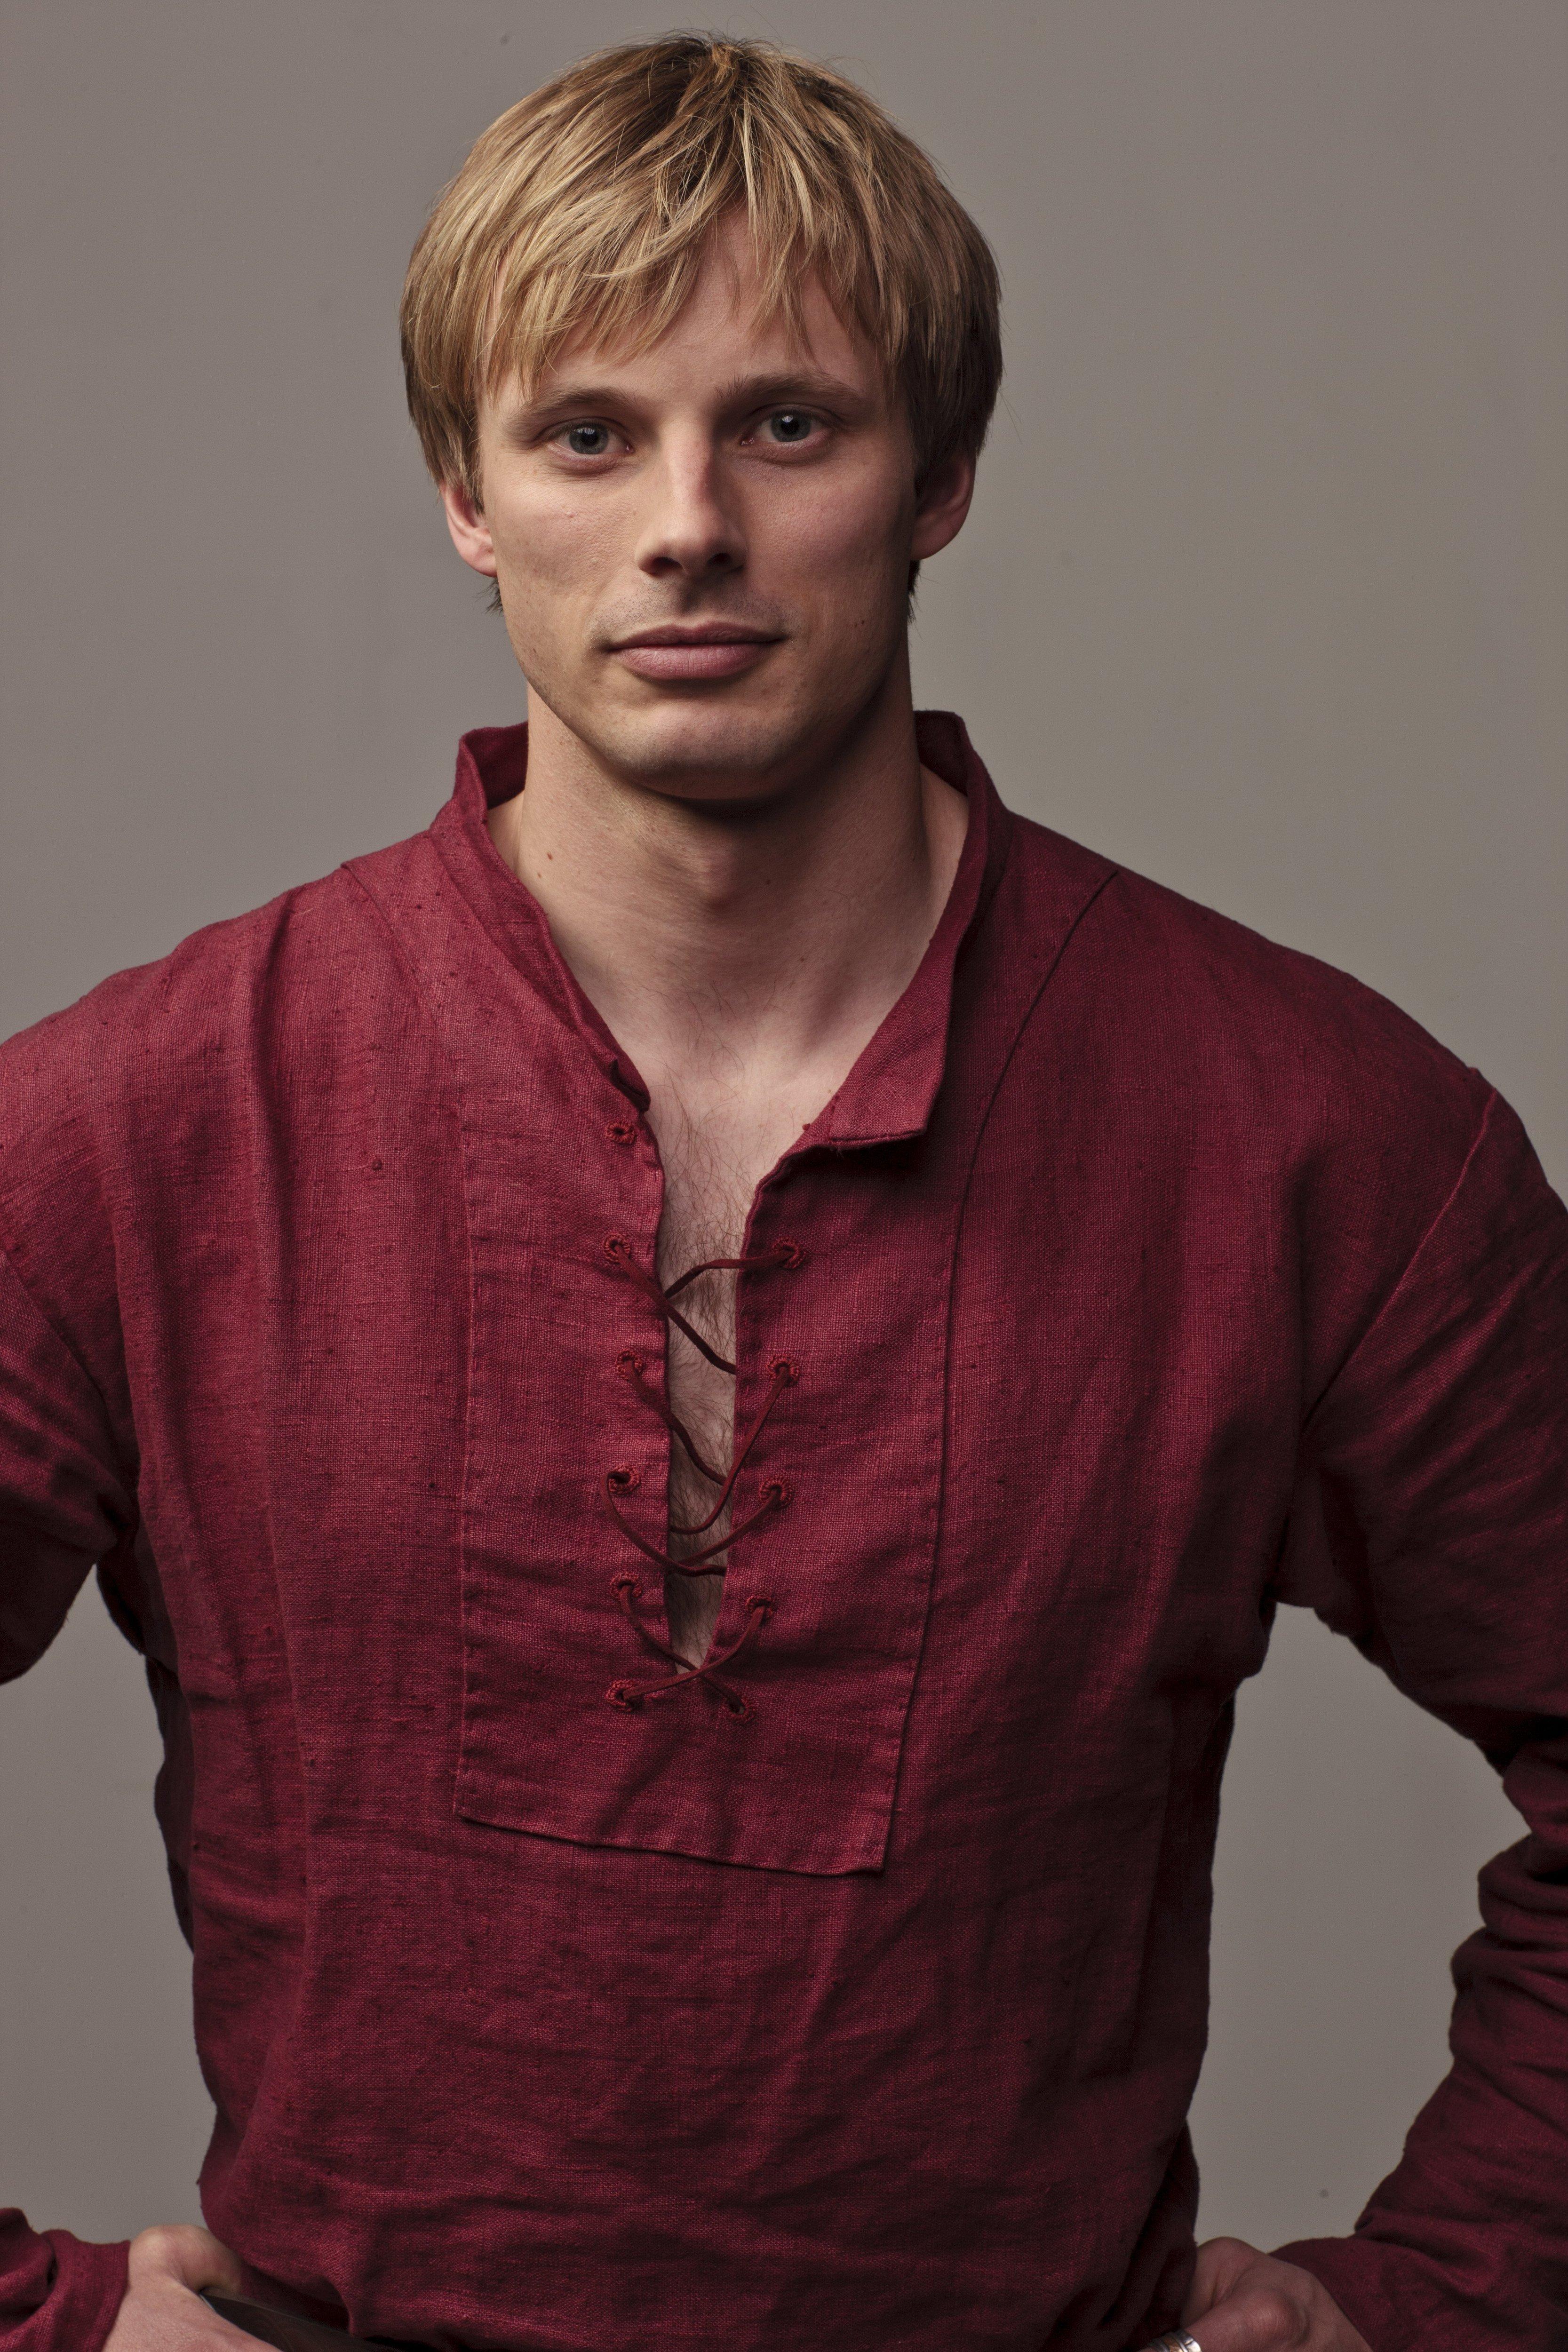 Merlin_5 season - Bradley James Photo (33435517) - Fanpop